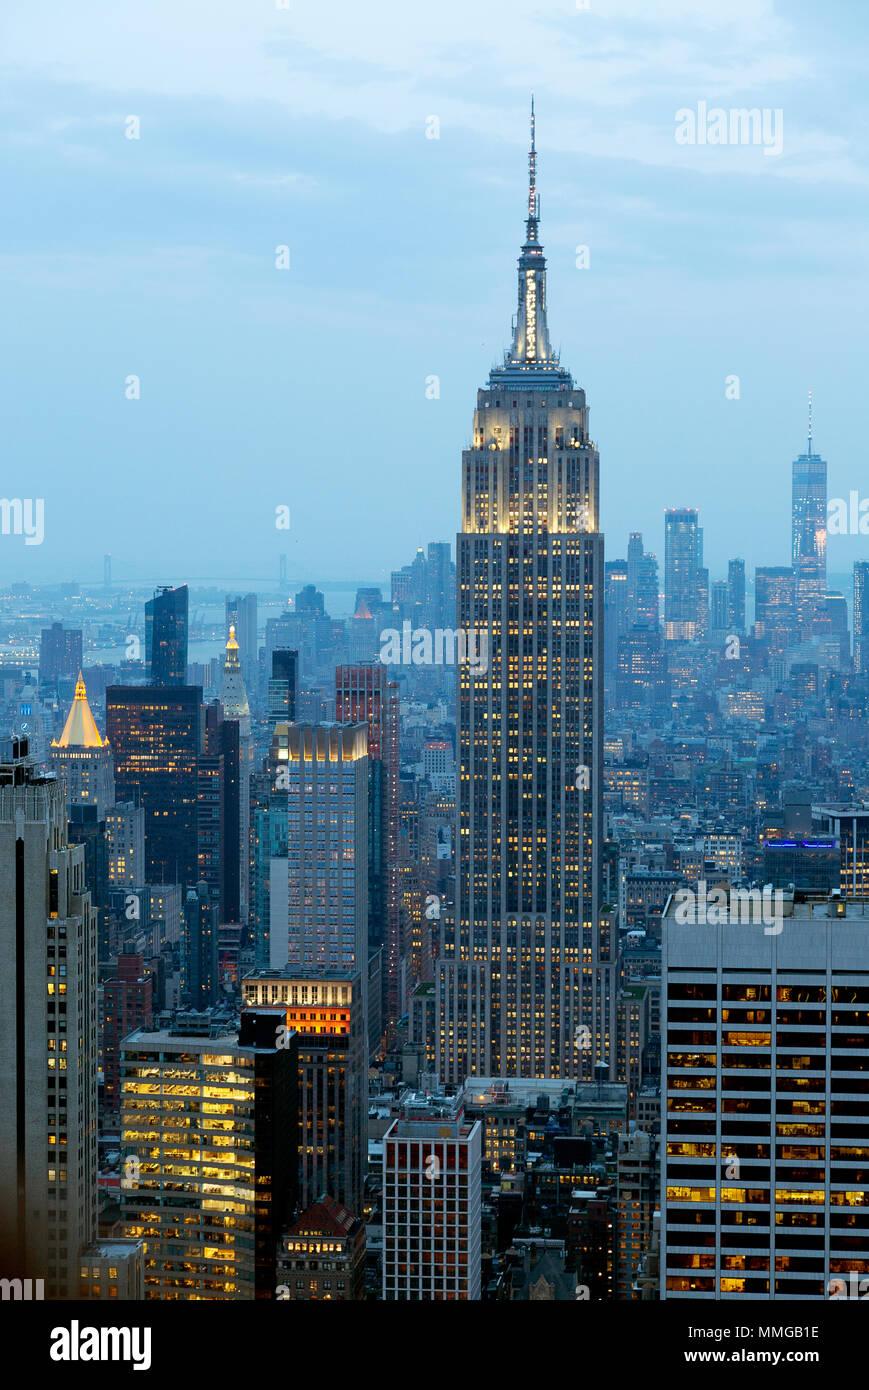 Das Empire State Building, New York Skyline am Abend von der Spitze des Felsens, New York City, Vereinigte Staaten von Amerika gesehen Stockbild